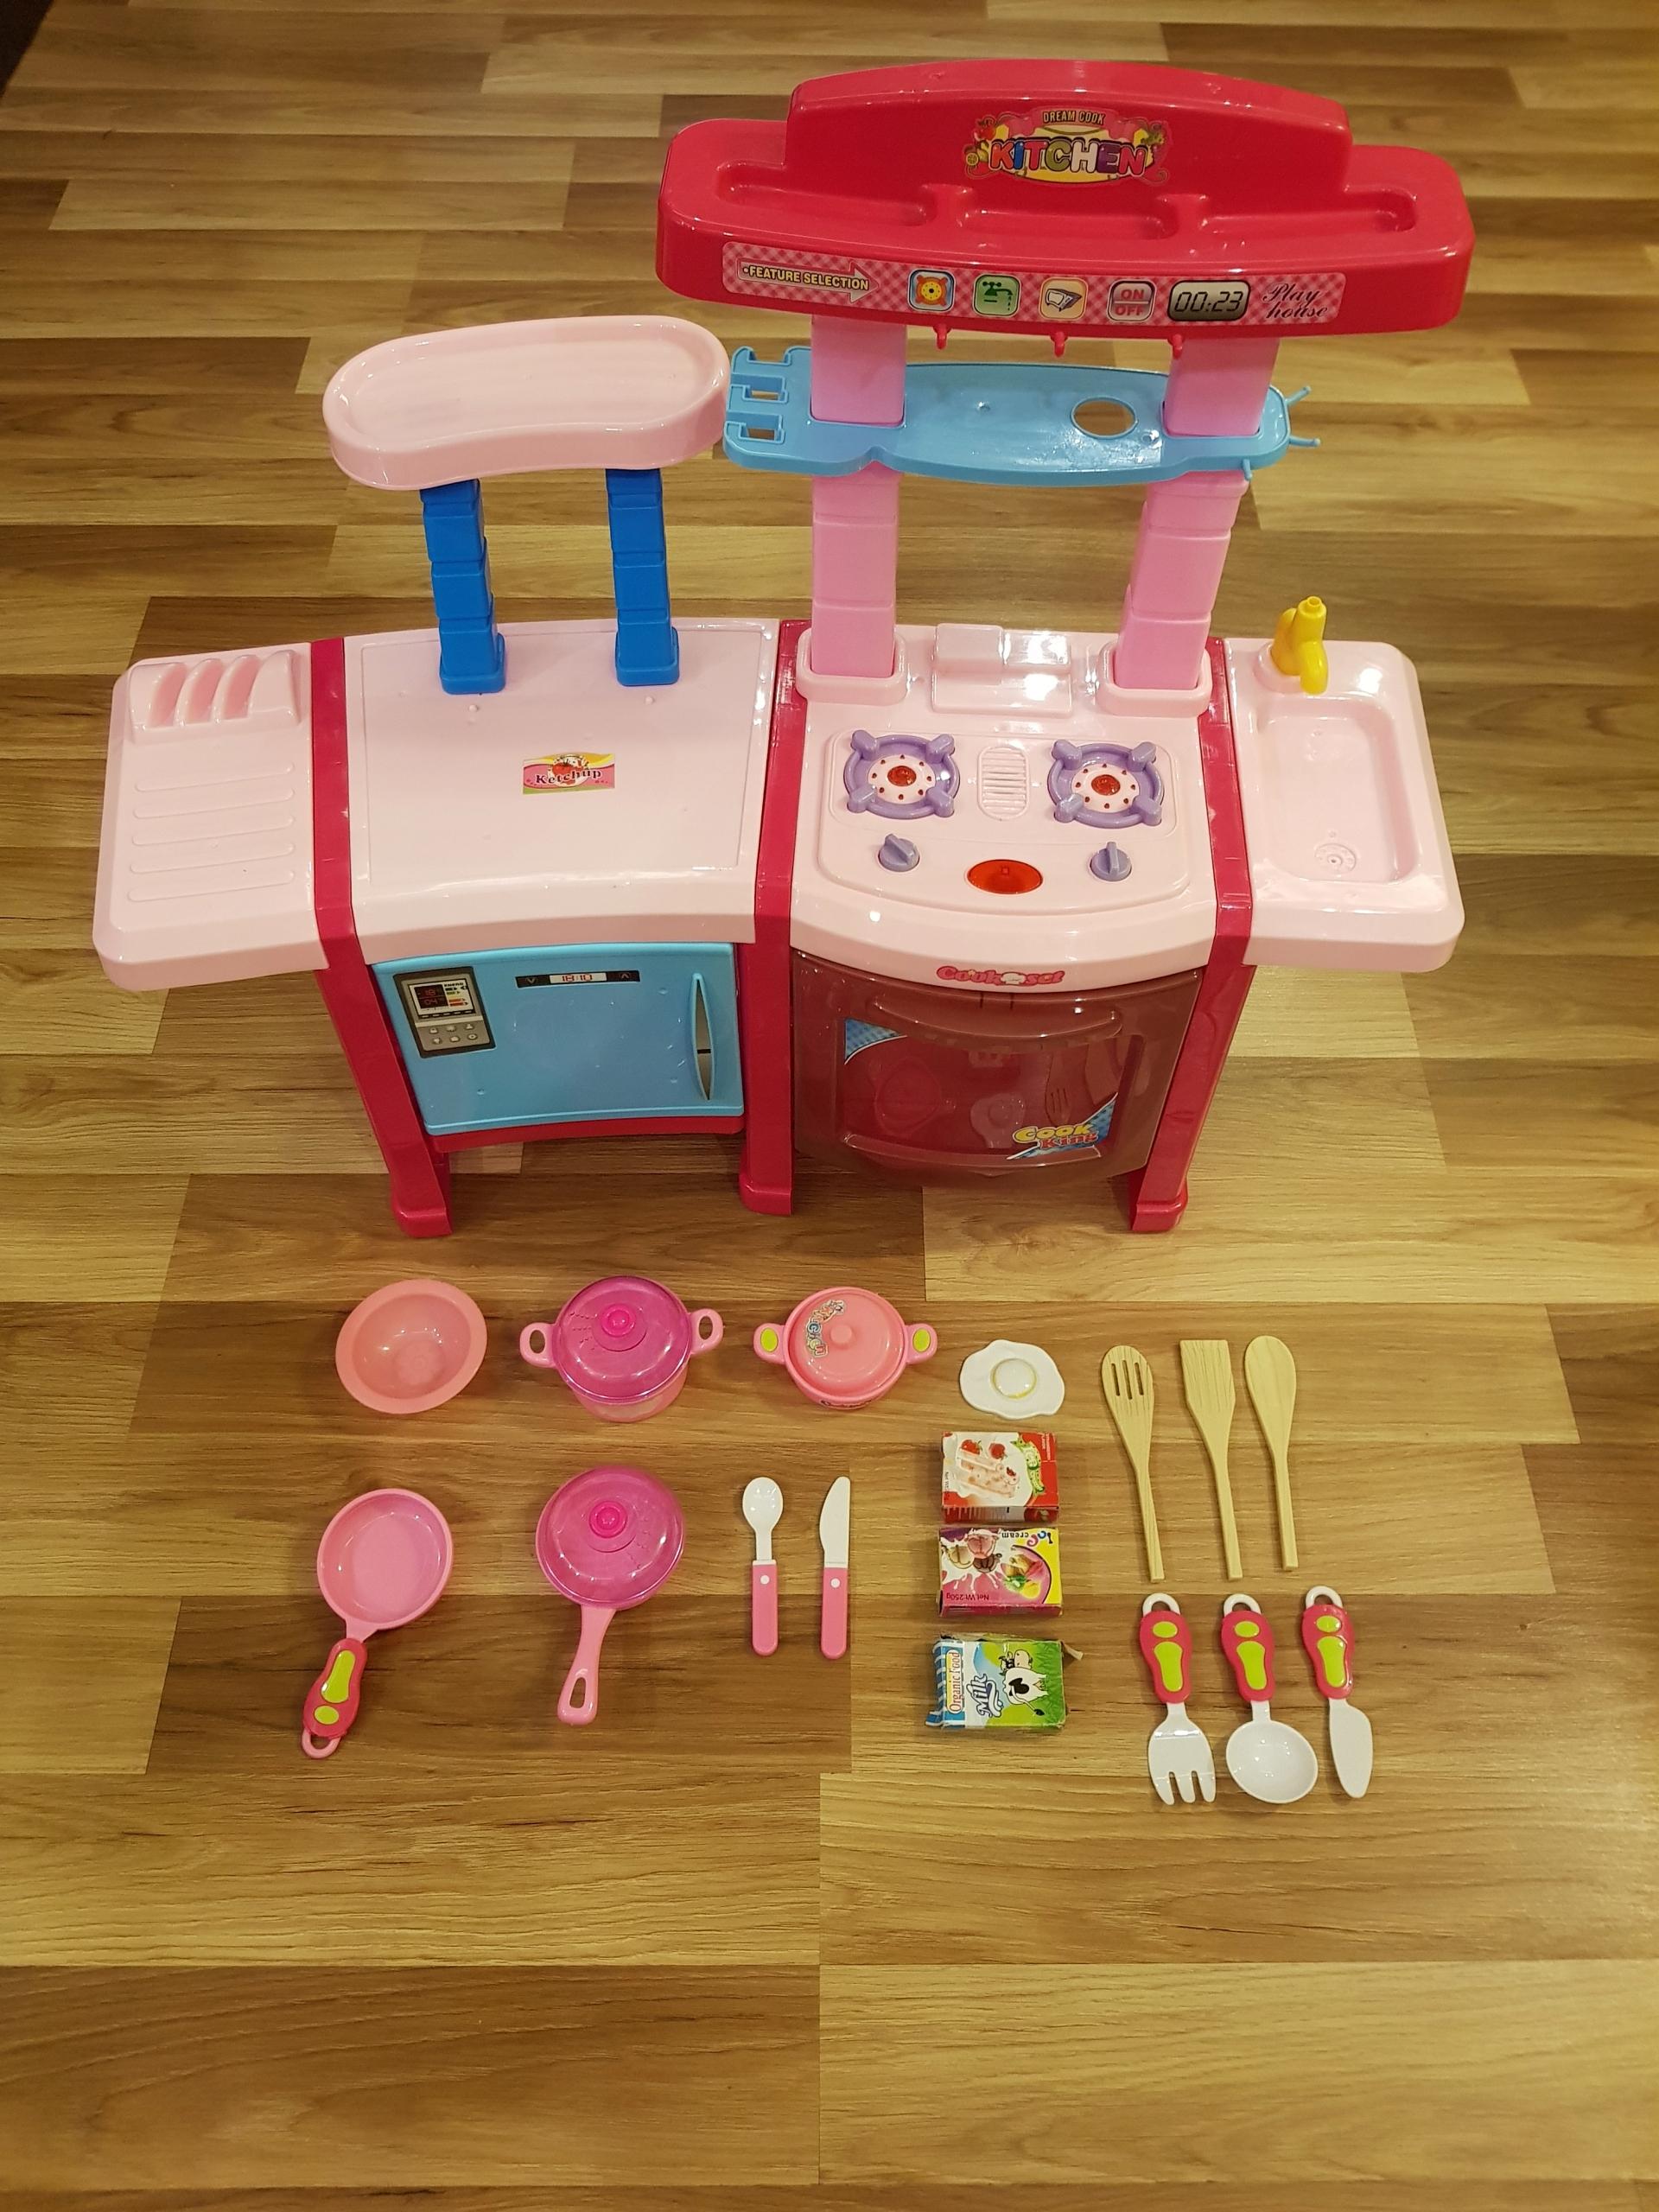 Kinderplay Kuchnia Dla Dzieci światło Dźwięk 7749570186